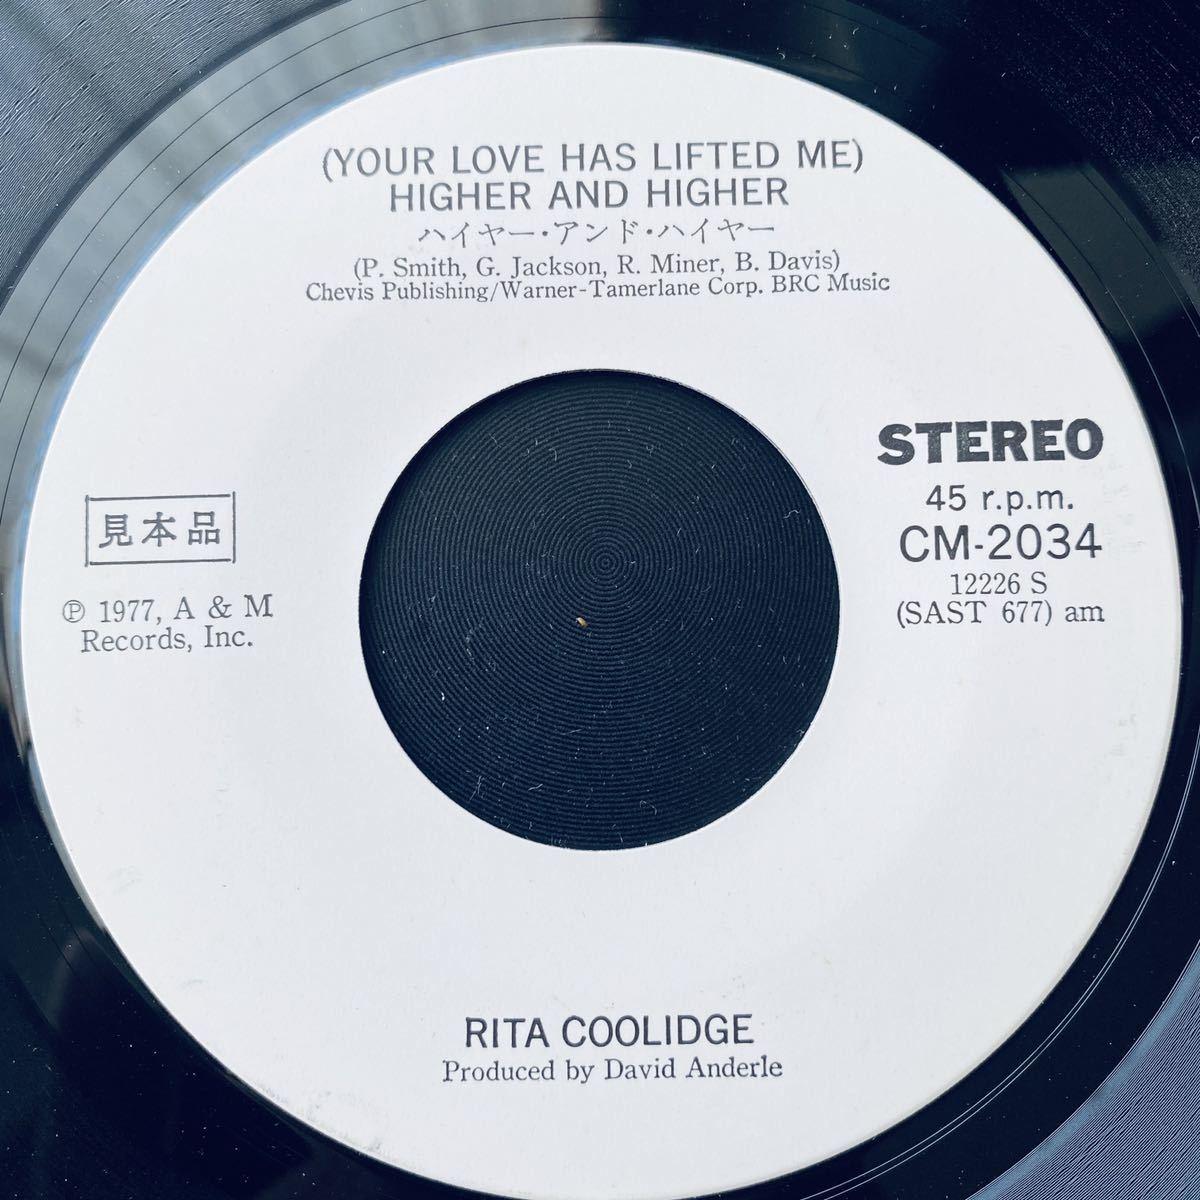 リタ・クーリッジ 国内見本盤白ラベルEP 2枚セット / '77 ハイヤー・アンド・ハイヤー / '78 あなたは最高 / プロモ 非売品 サンプル_画像7